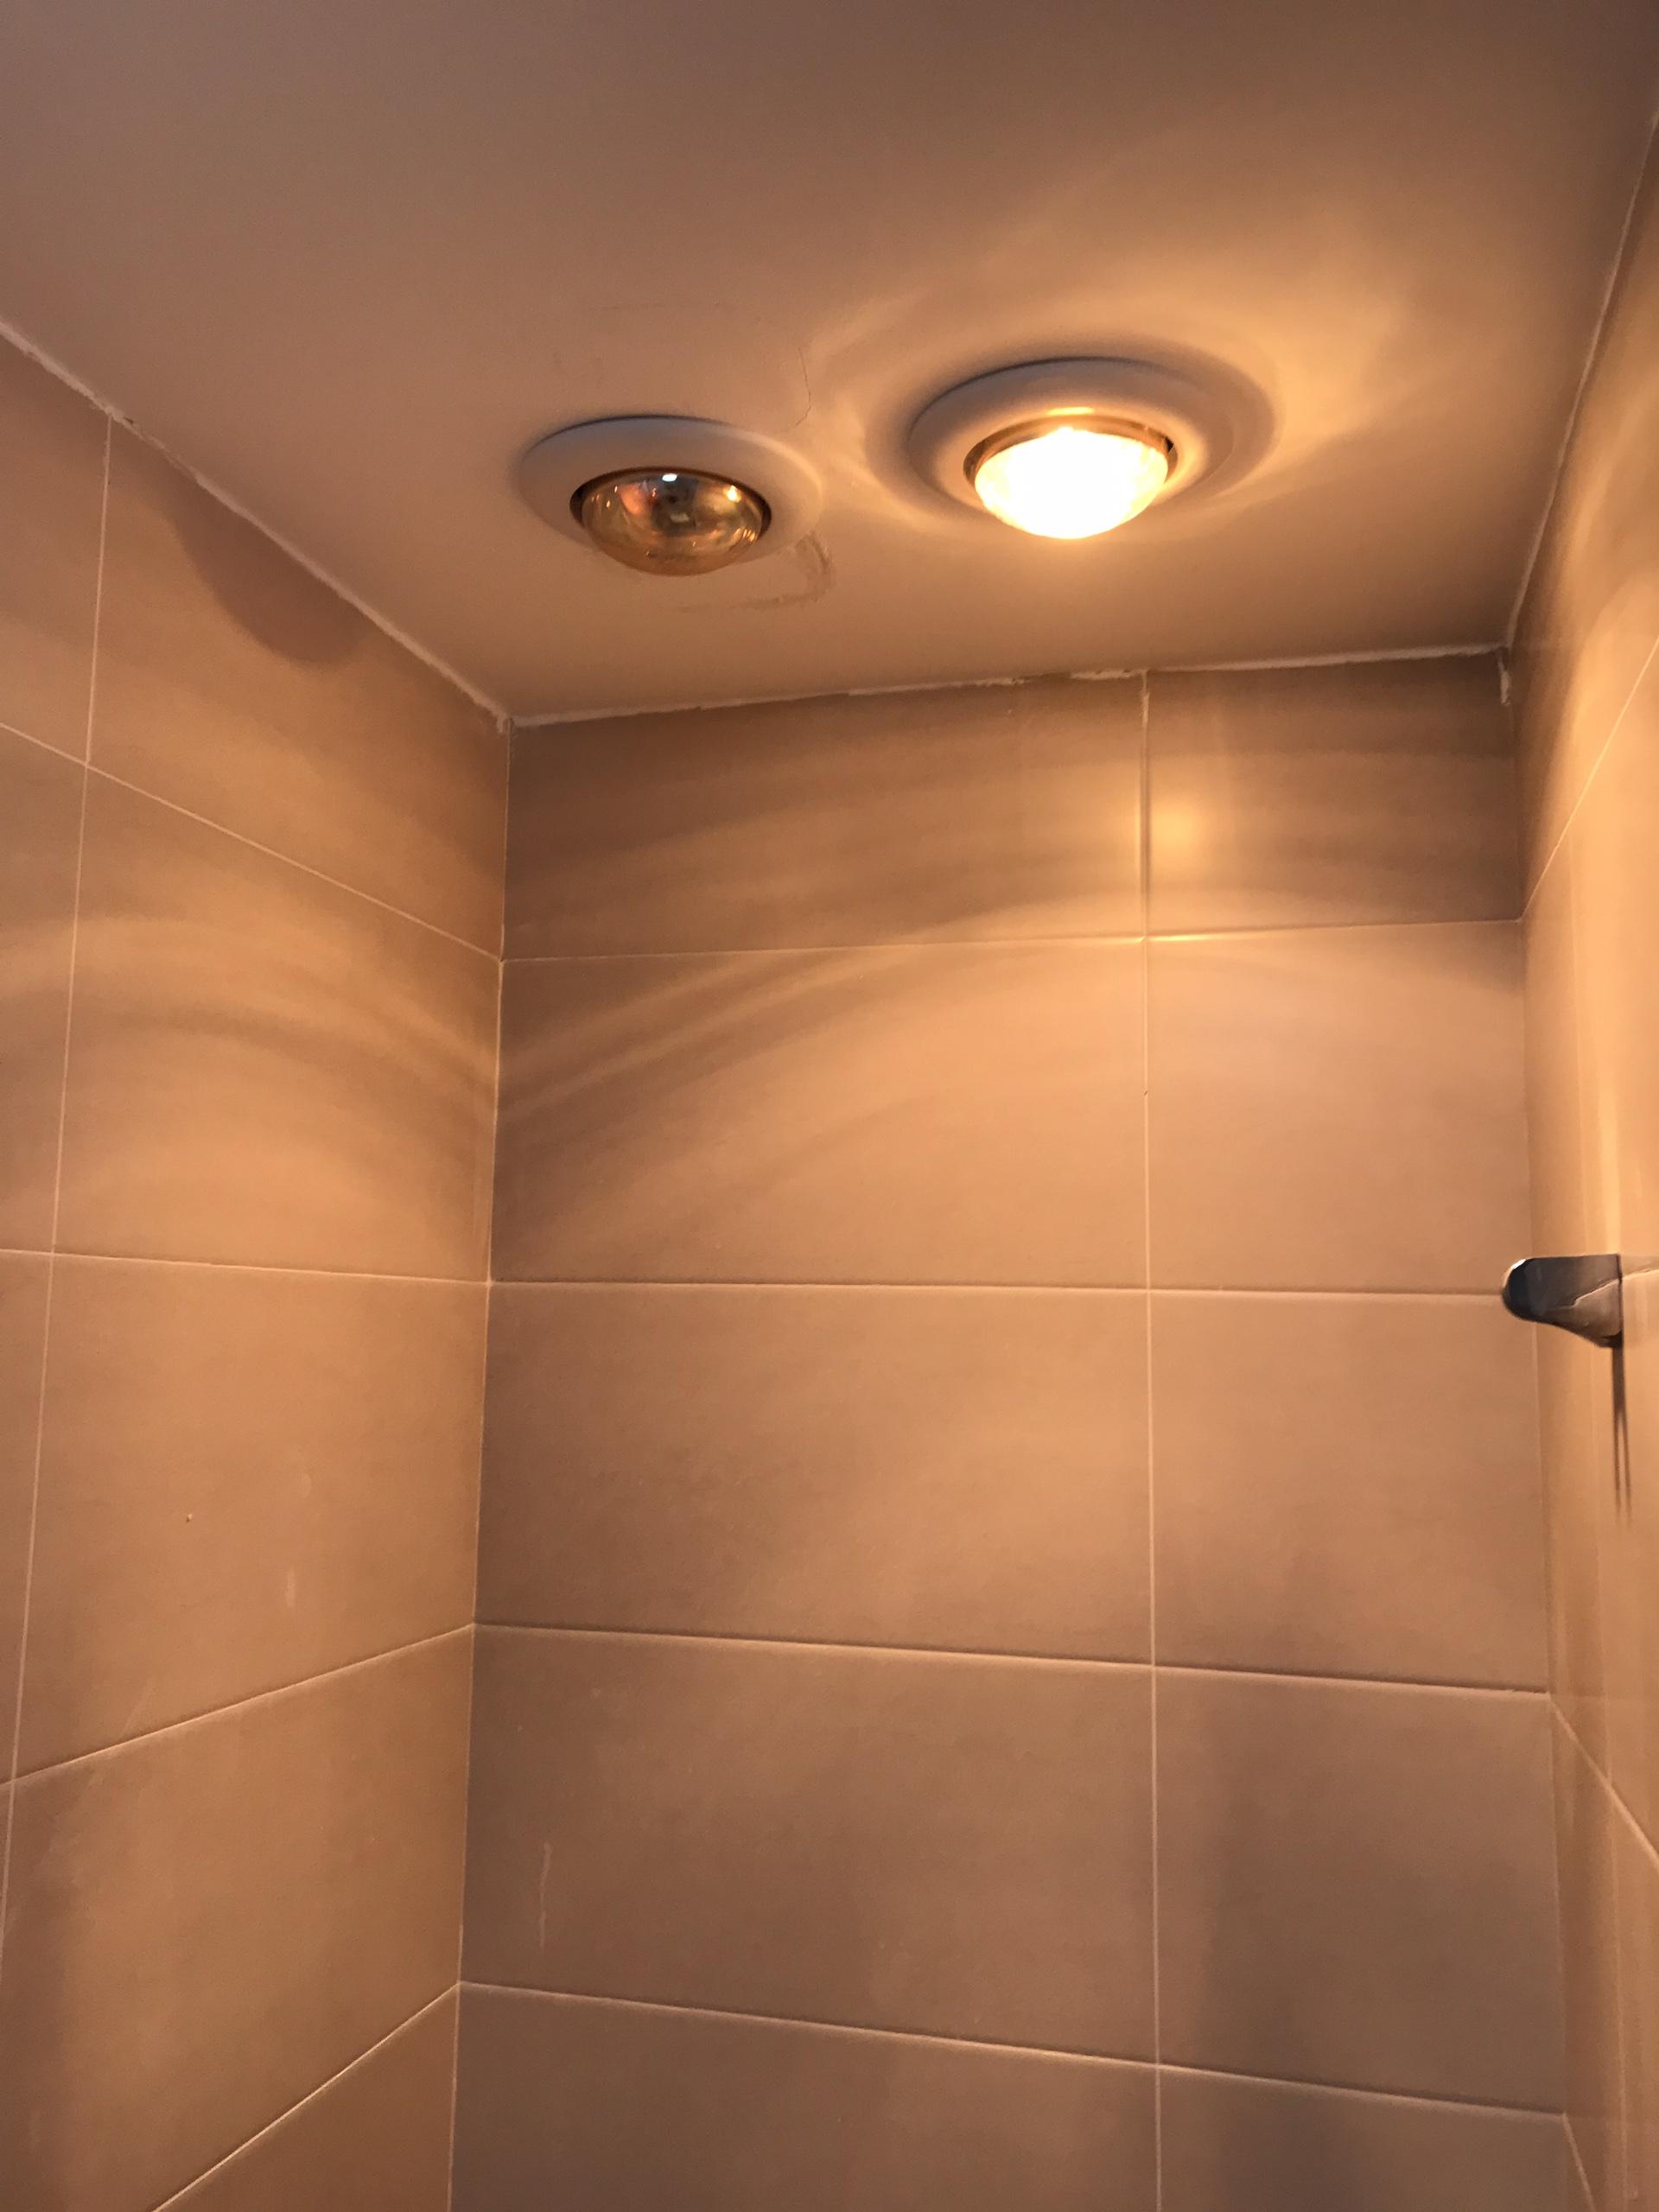 Đèn sưởi phòng tắm 1 bóng âm trần Milor